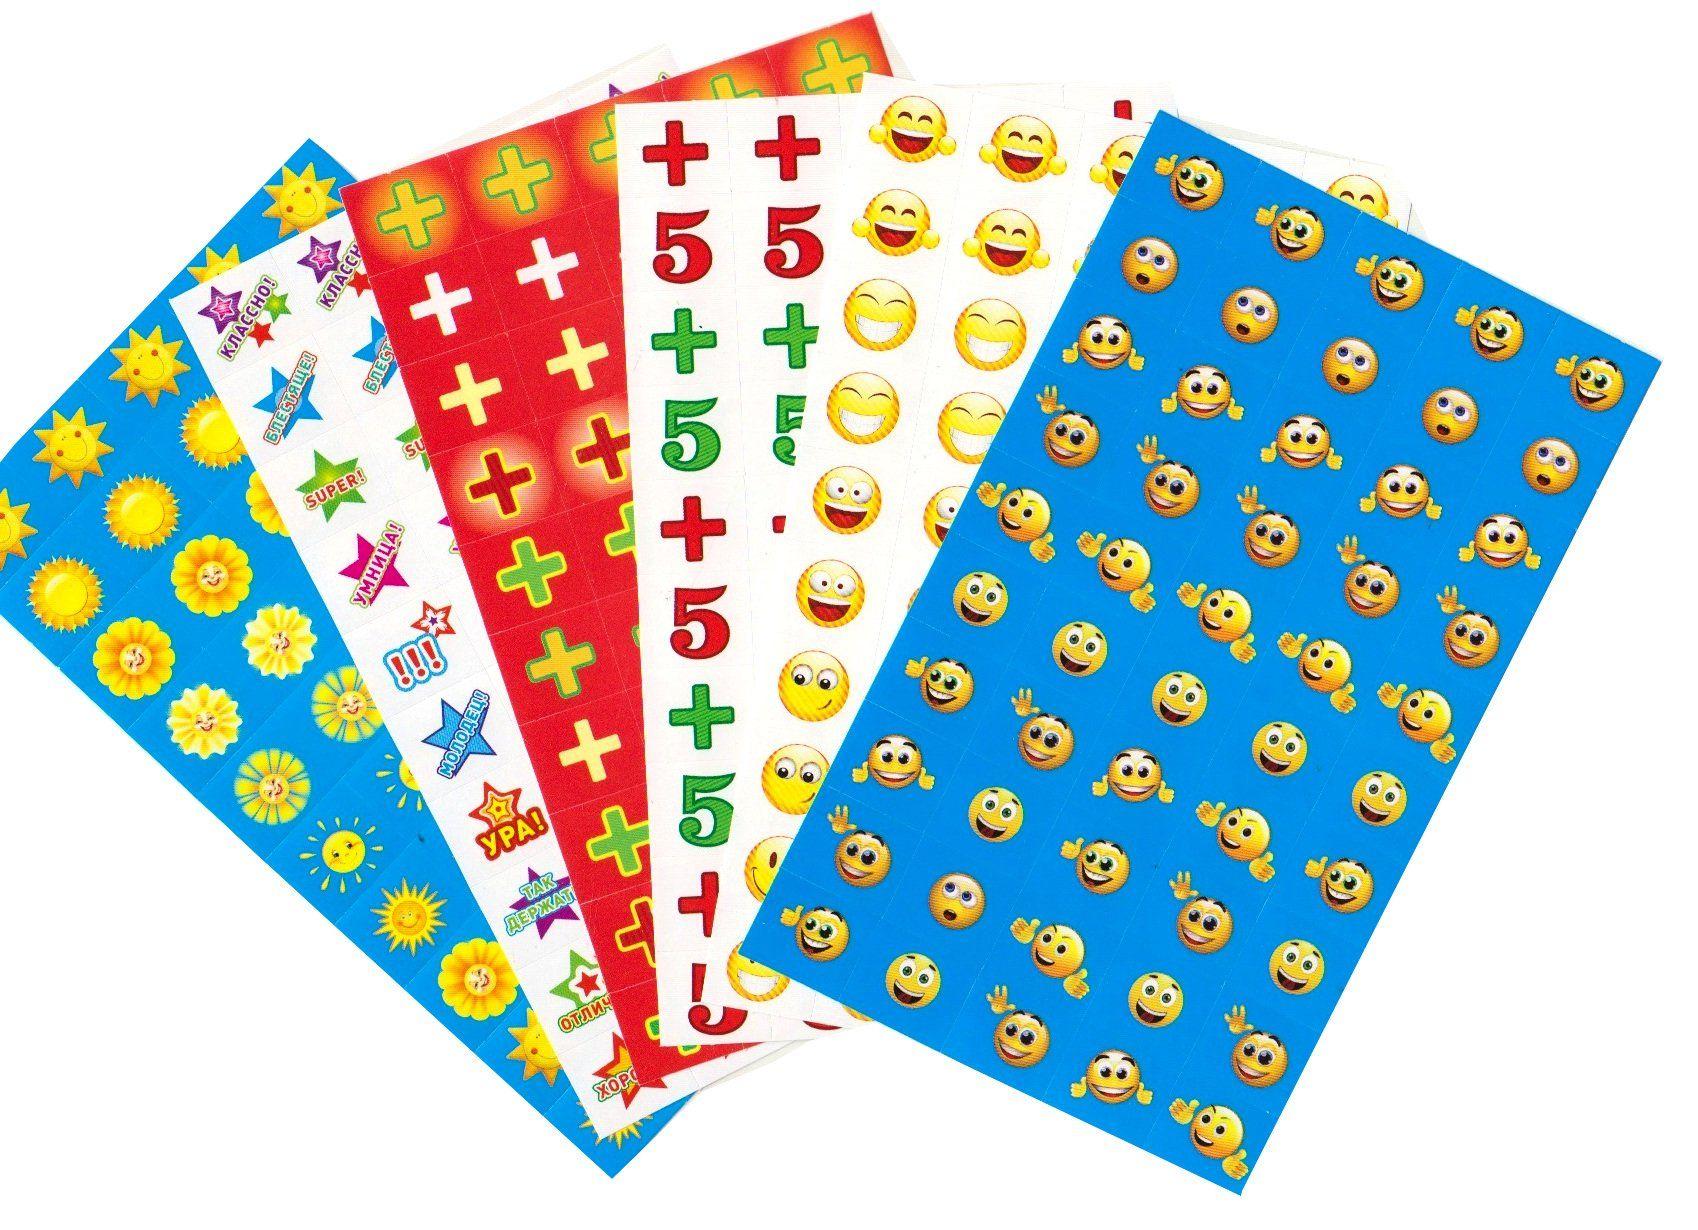 Комплект наклеек для поощрения. 10 видовПоощрительные карточки, наклейки<br>Набор для поощрения на самоклеящейся бумаге в индивидуальной упаковке с европодвесом.В комплекте 10 штук.<br><br>Год: 2018<br>Высота: 160<br>Ширина: 80<br>Толщина: 4